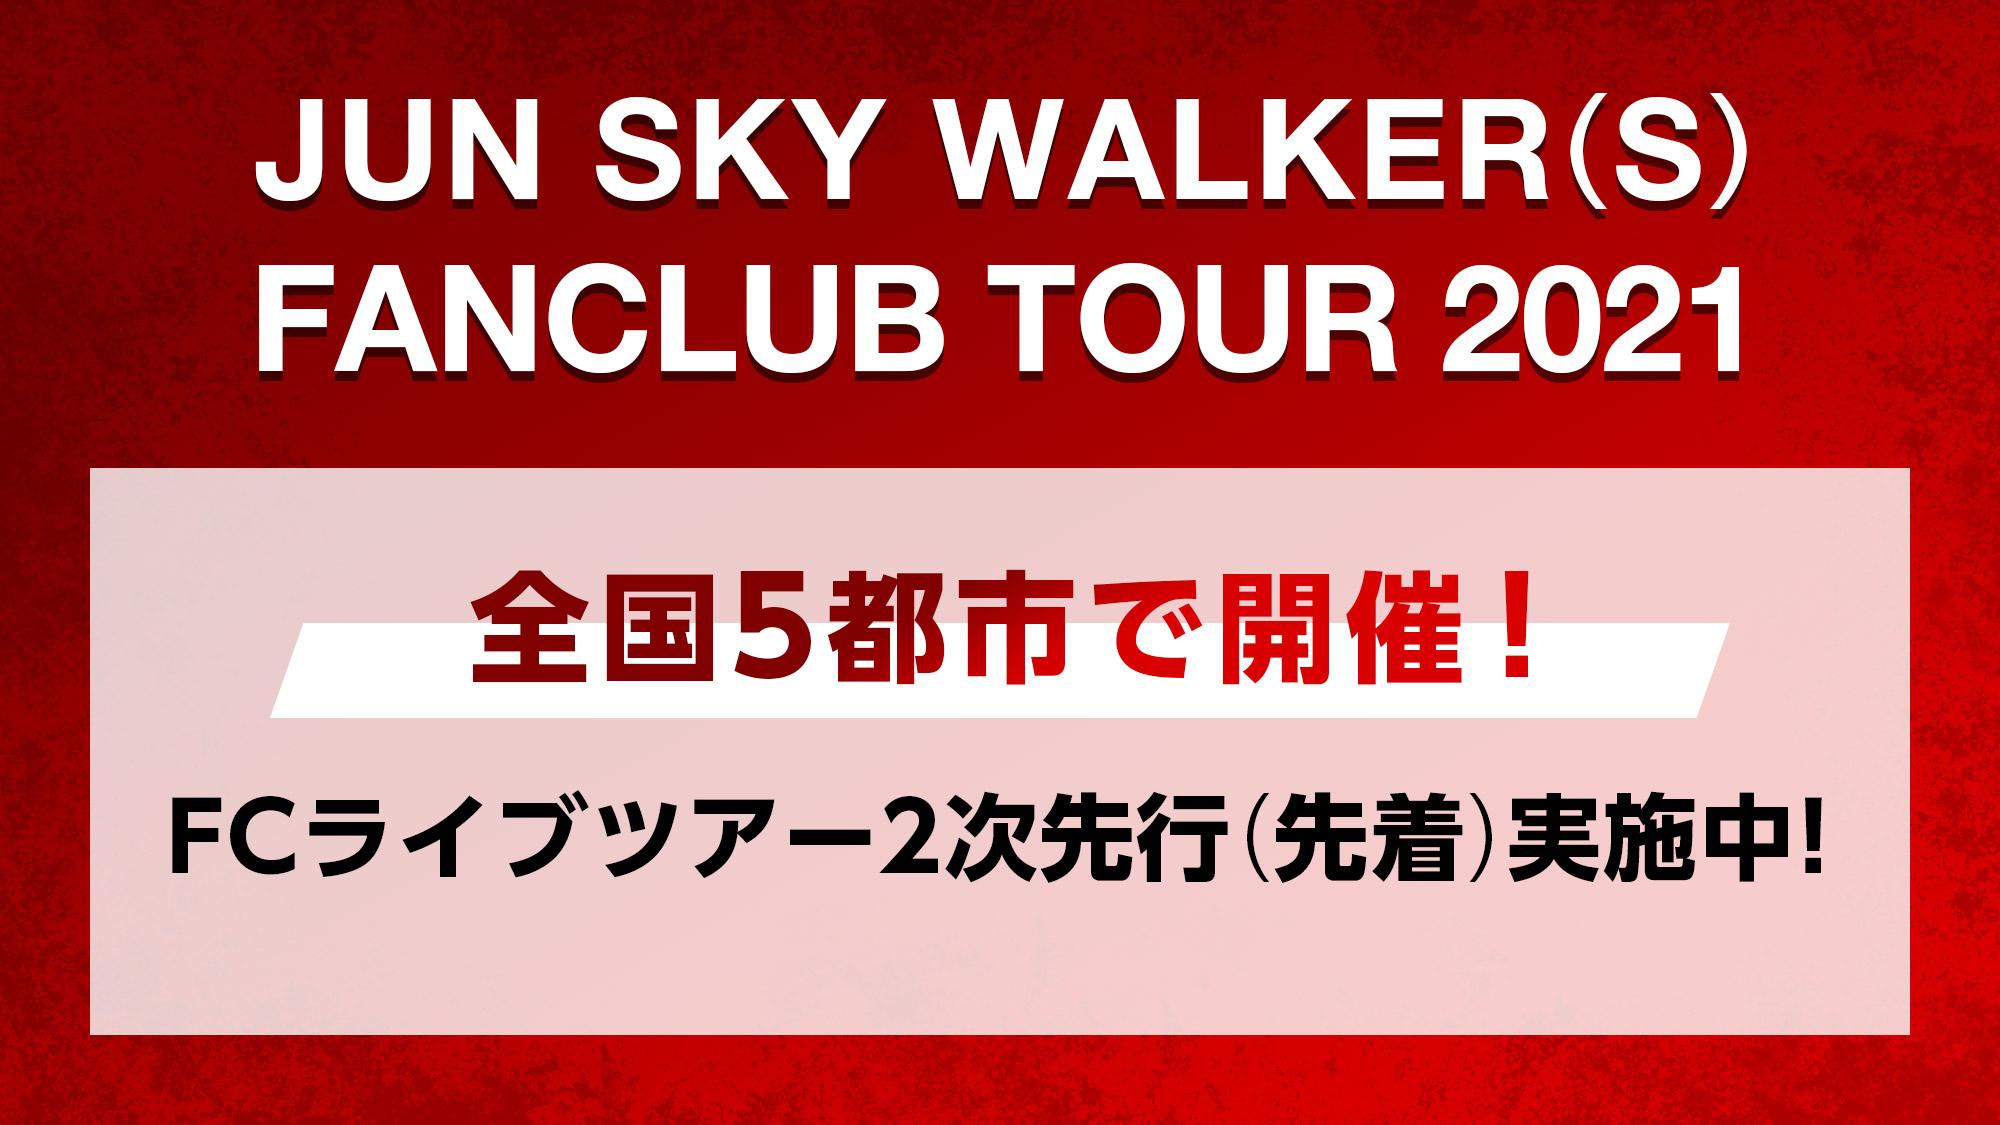 FAN CLUB TOUR 2021